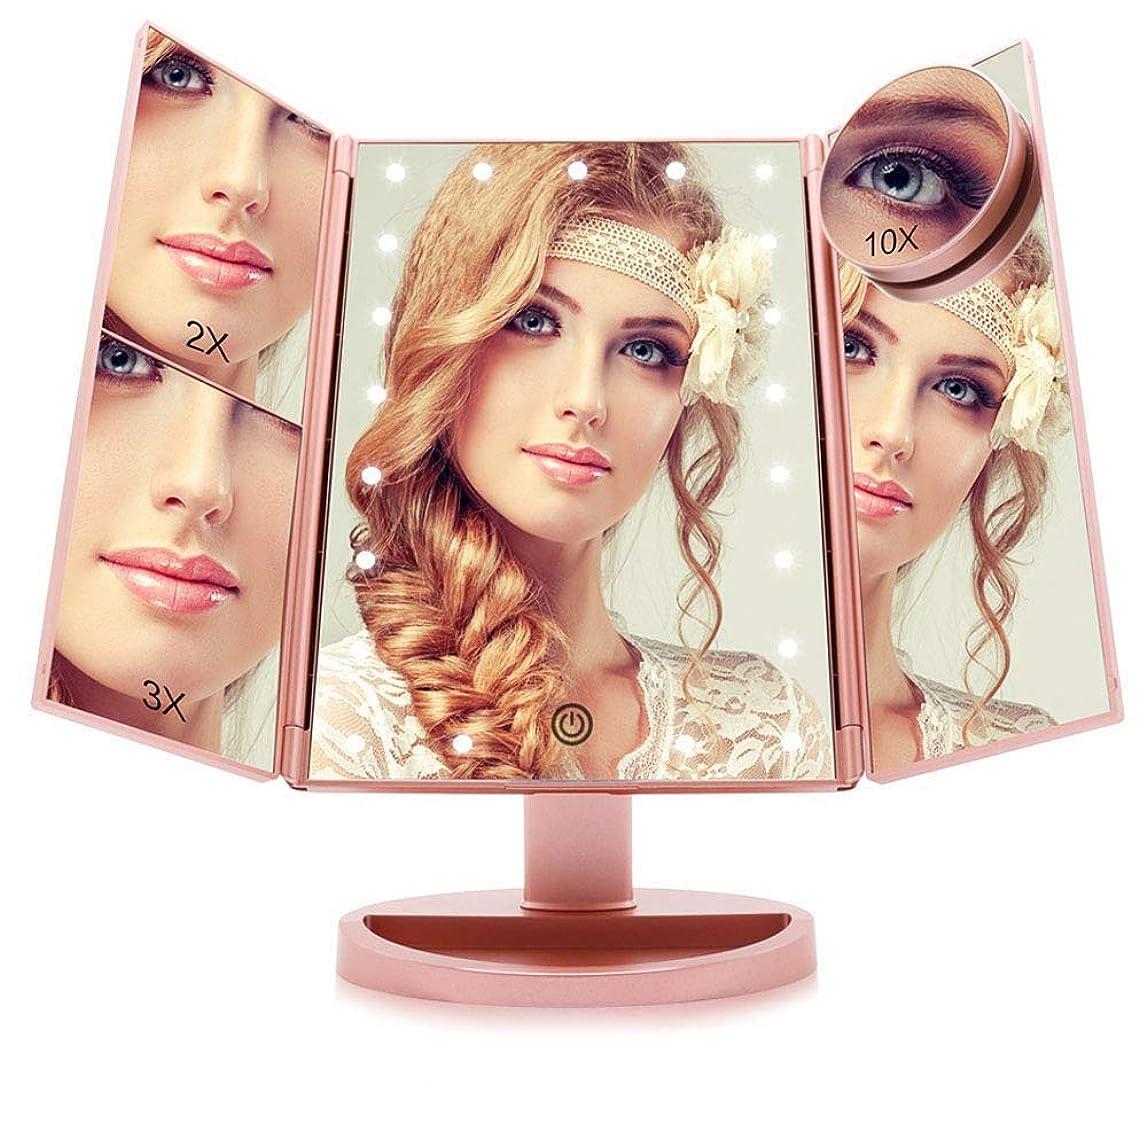 投資する楽観的インタフェースFuntouch 化粧鏡 三面鏡 化粧ミラー 卓上ミラー 鏡 led付き 折りたたみ 2&3&10倍拡大鏡付き 明るさ調節可能 180°回転 プレゼント(Rose Gold)